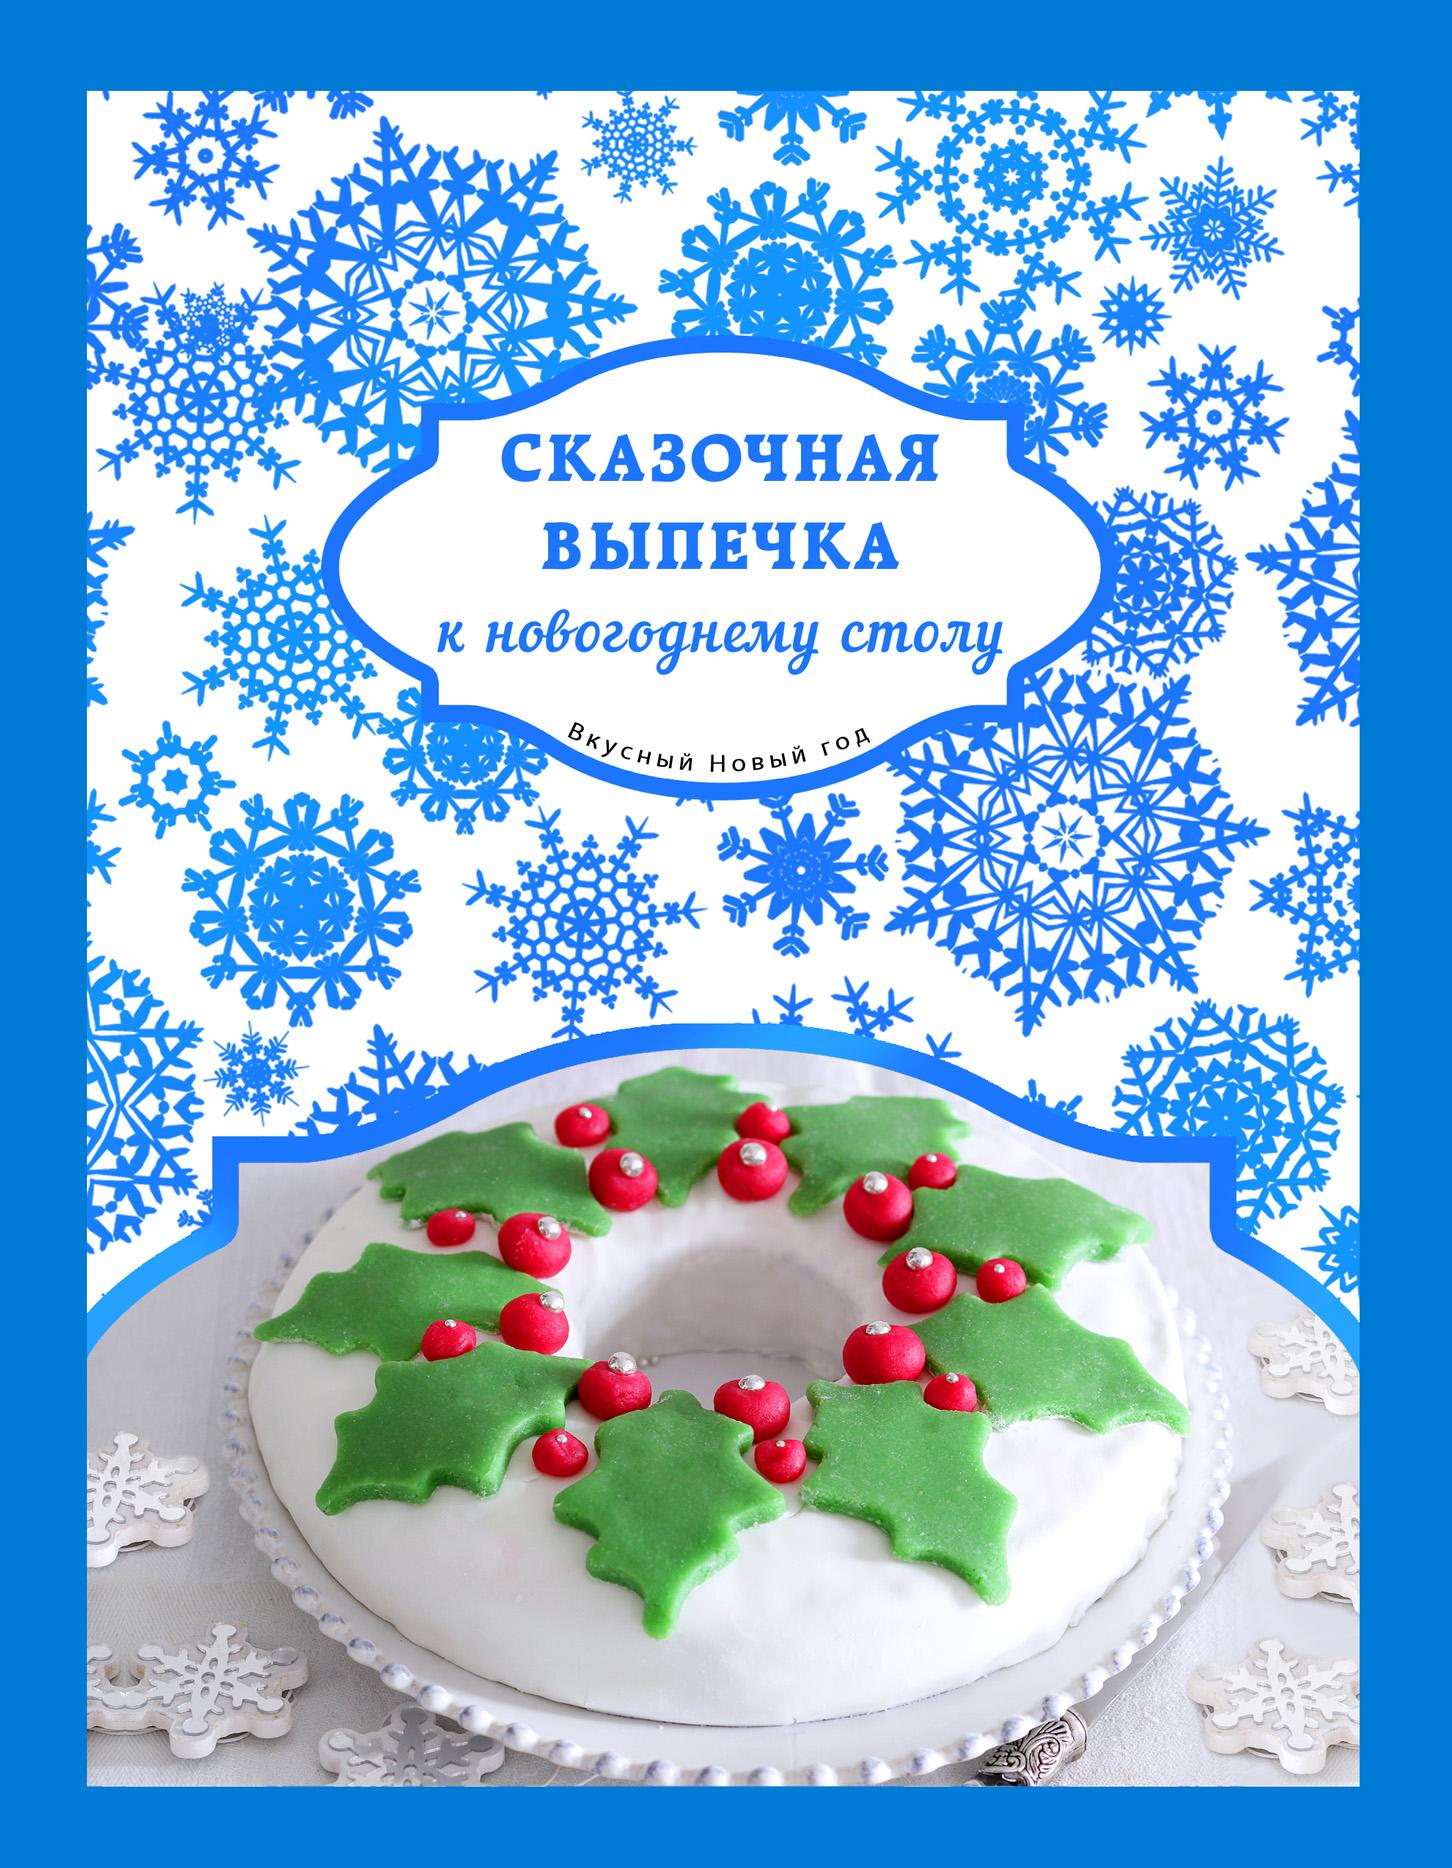 Сказочная выпечка к новогоднему столу